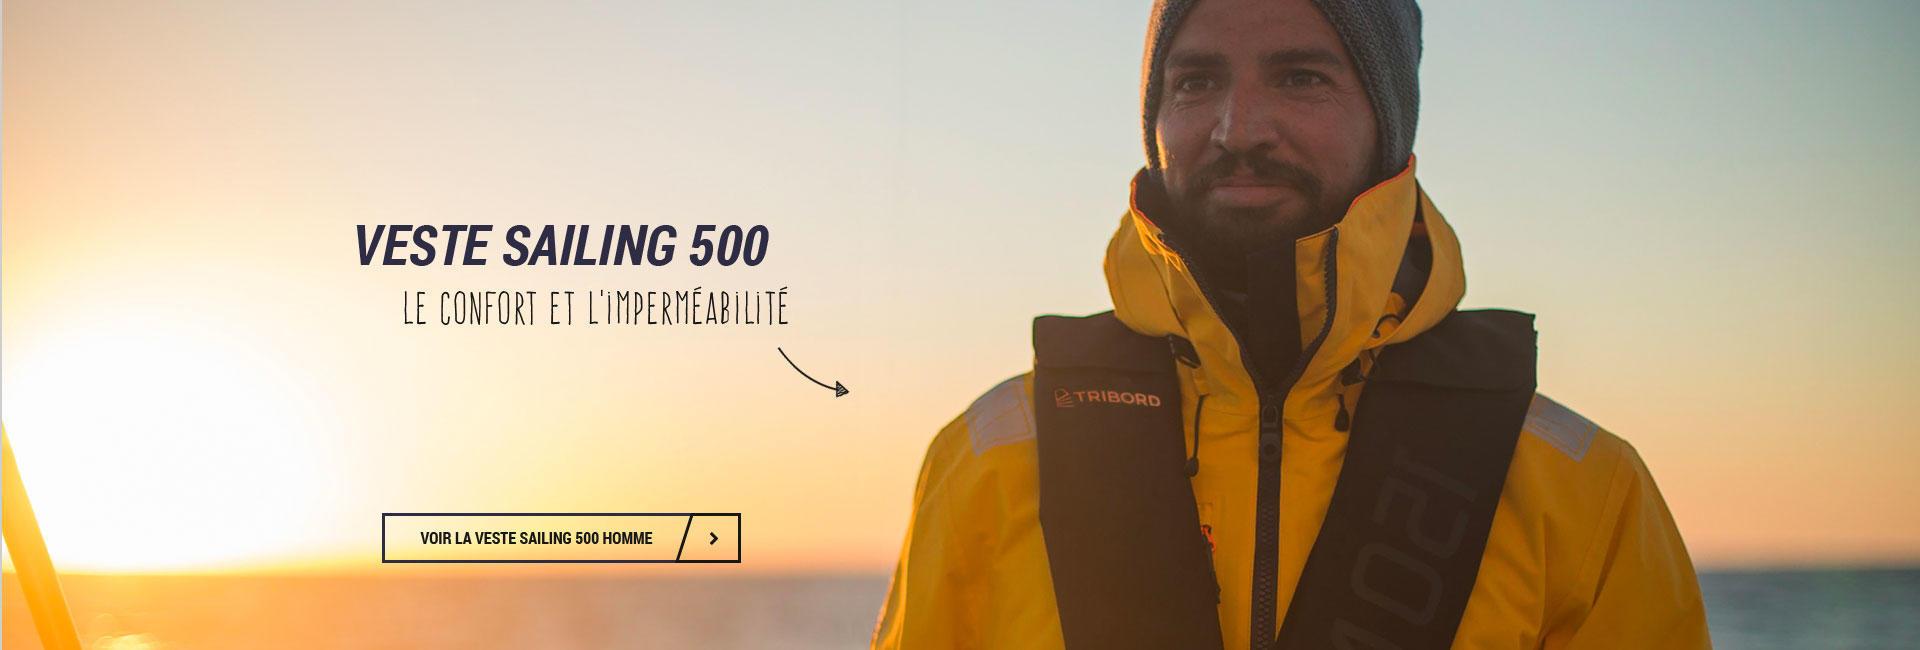 La nouvelle veste de quart Sailing 500 de Tribord